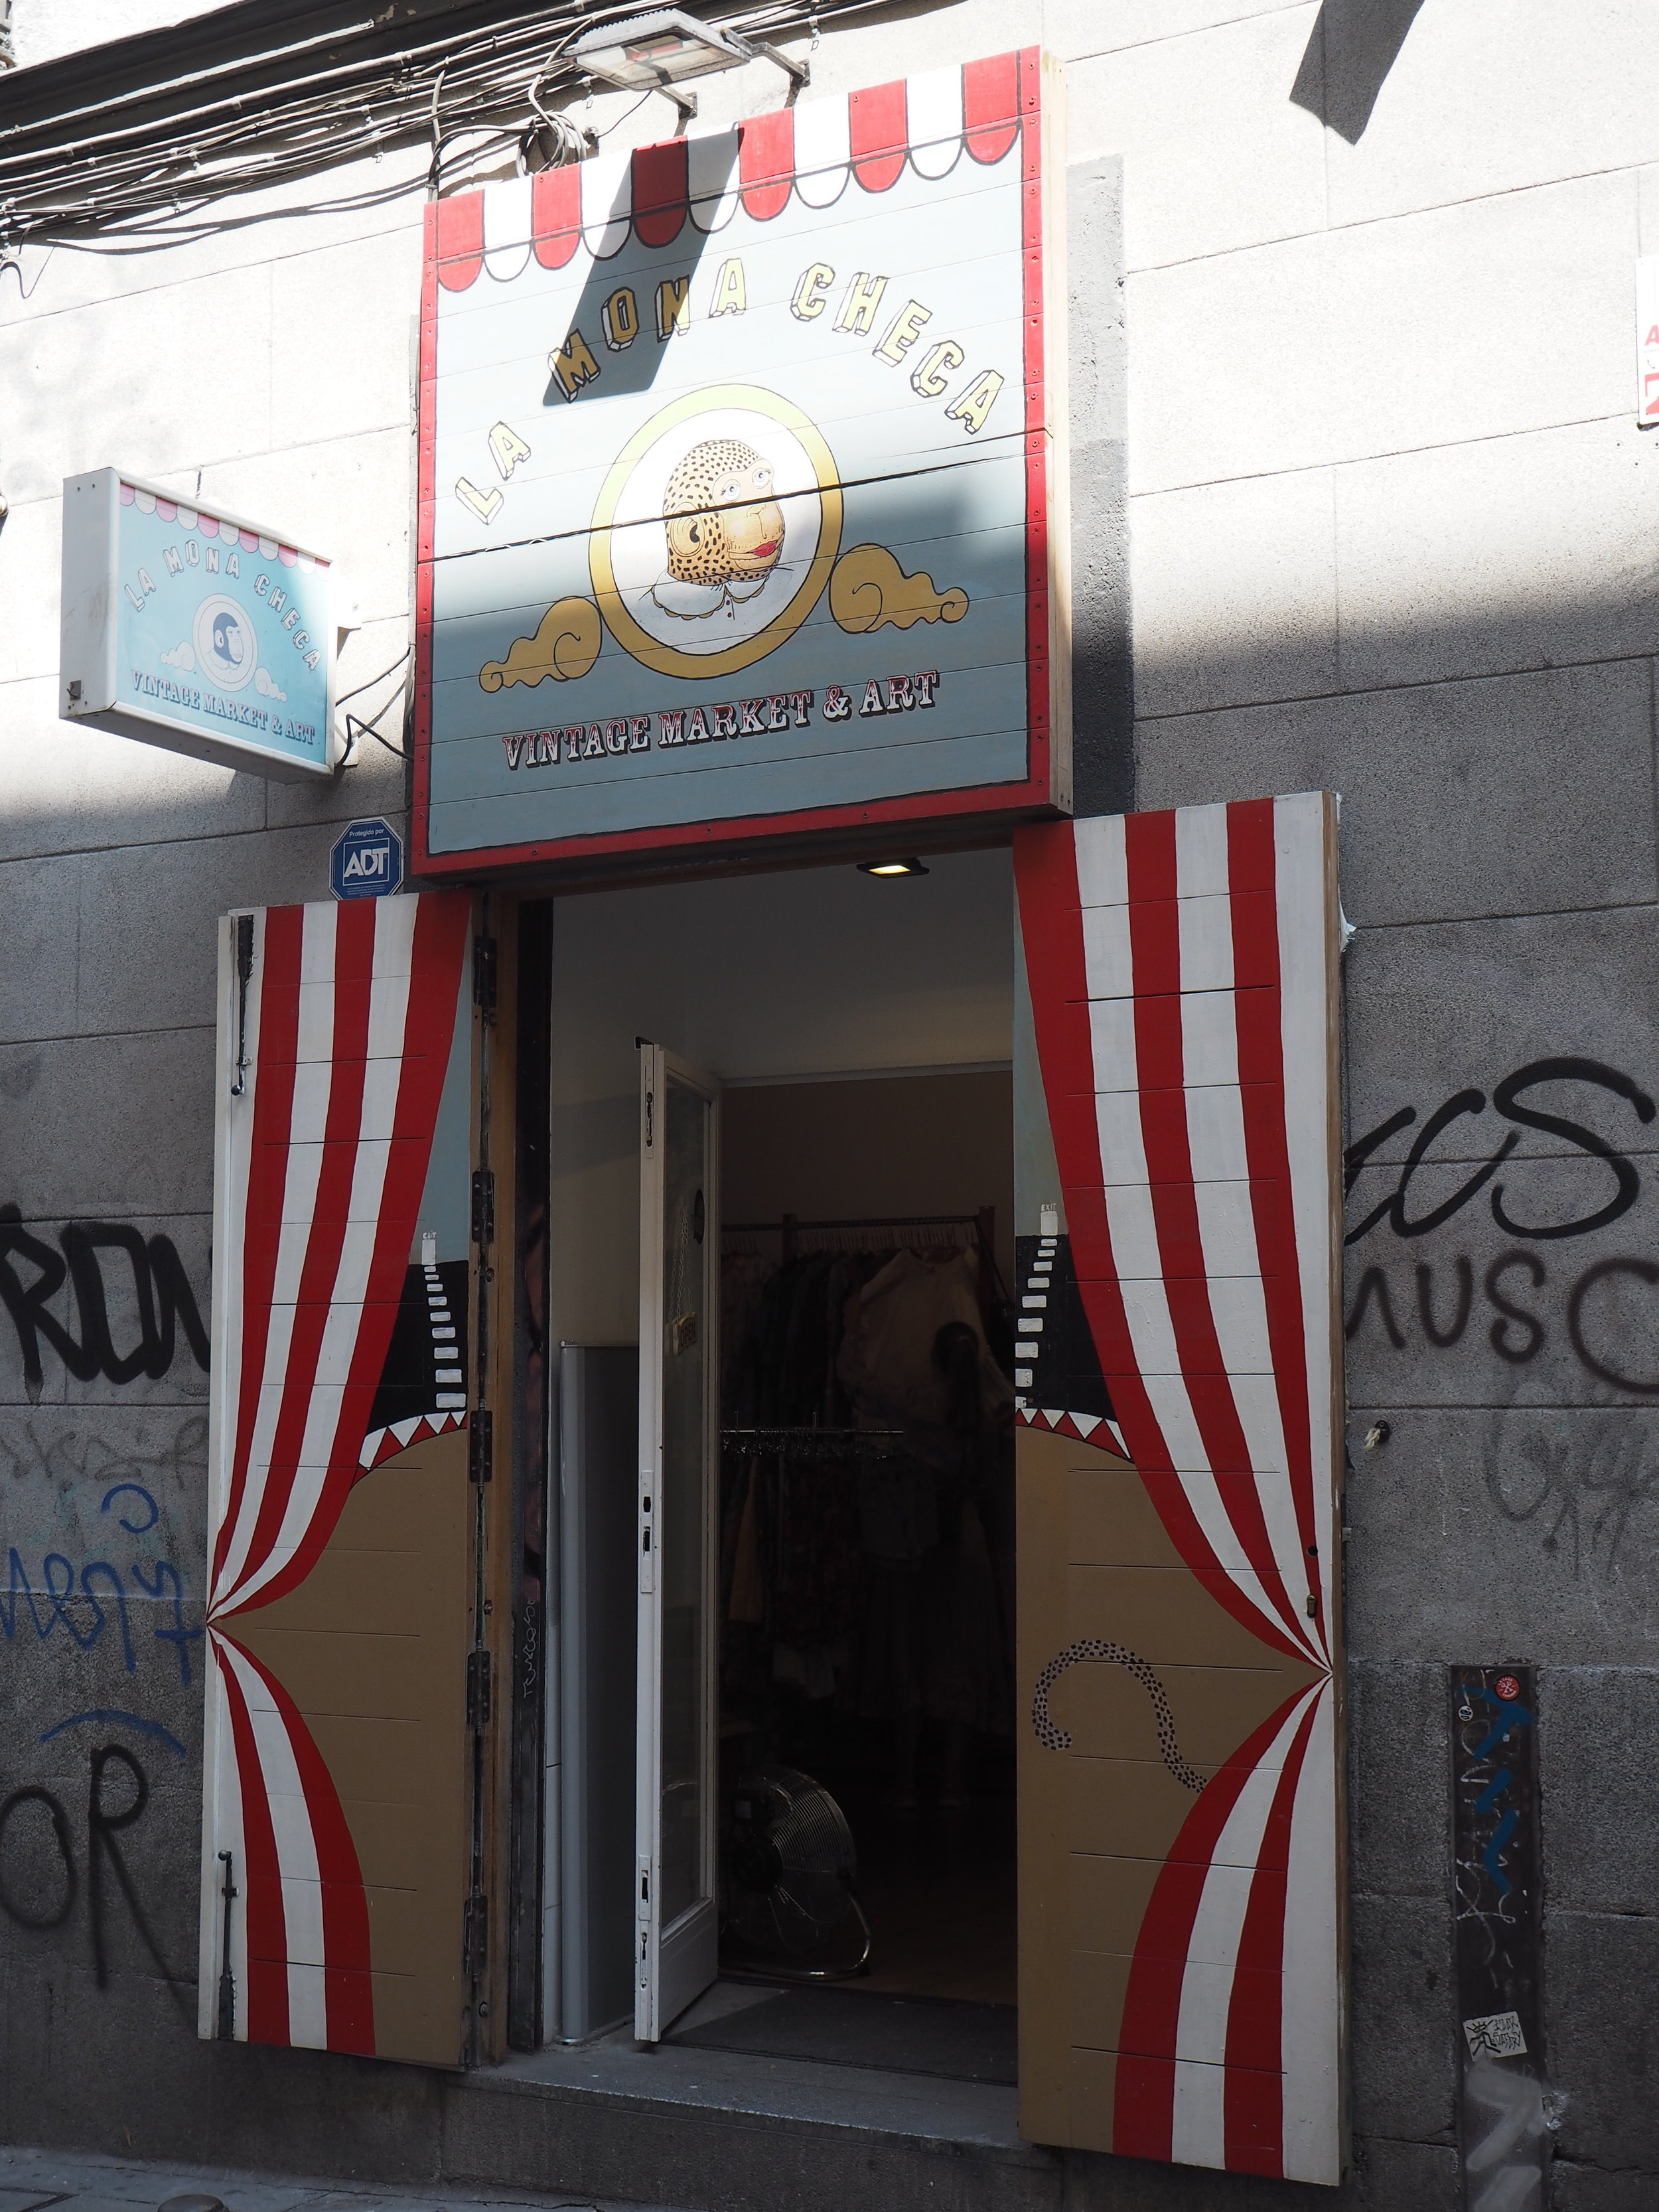 tiendas-ropa-madrid-originales-mona-checa.JPG